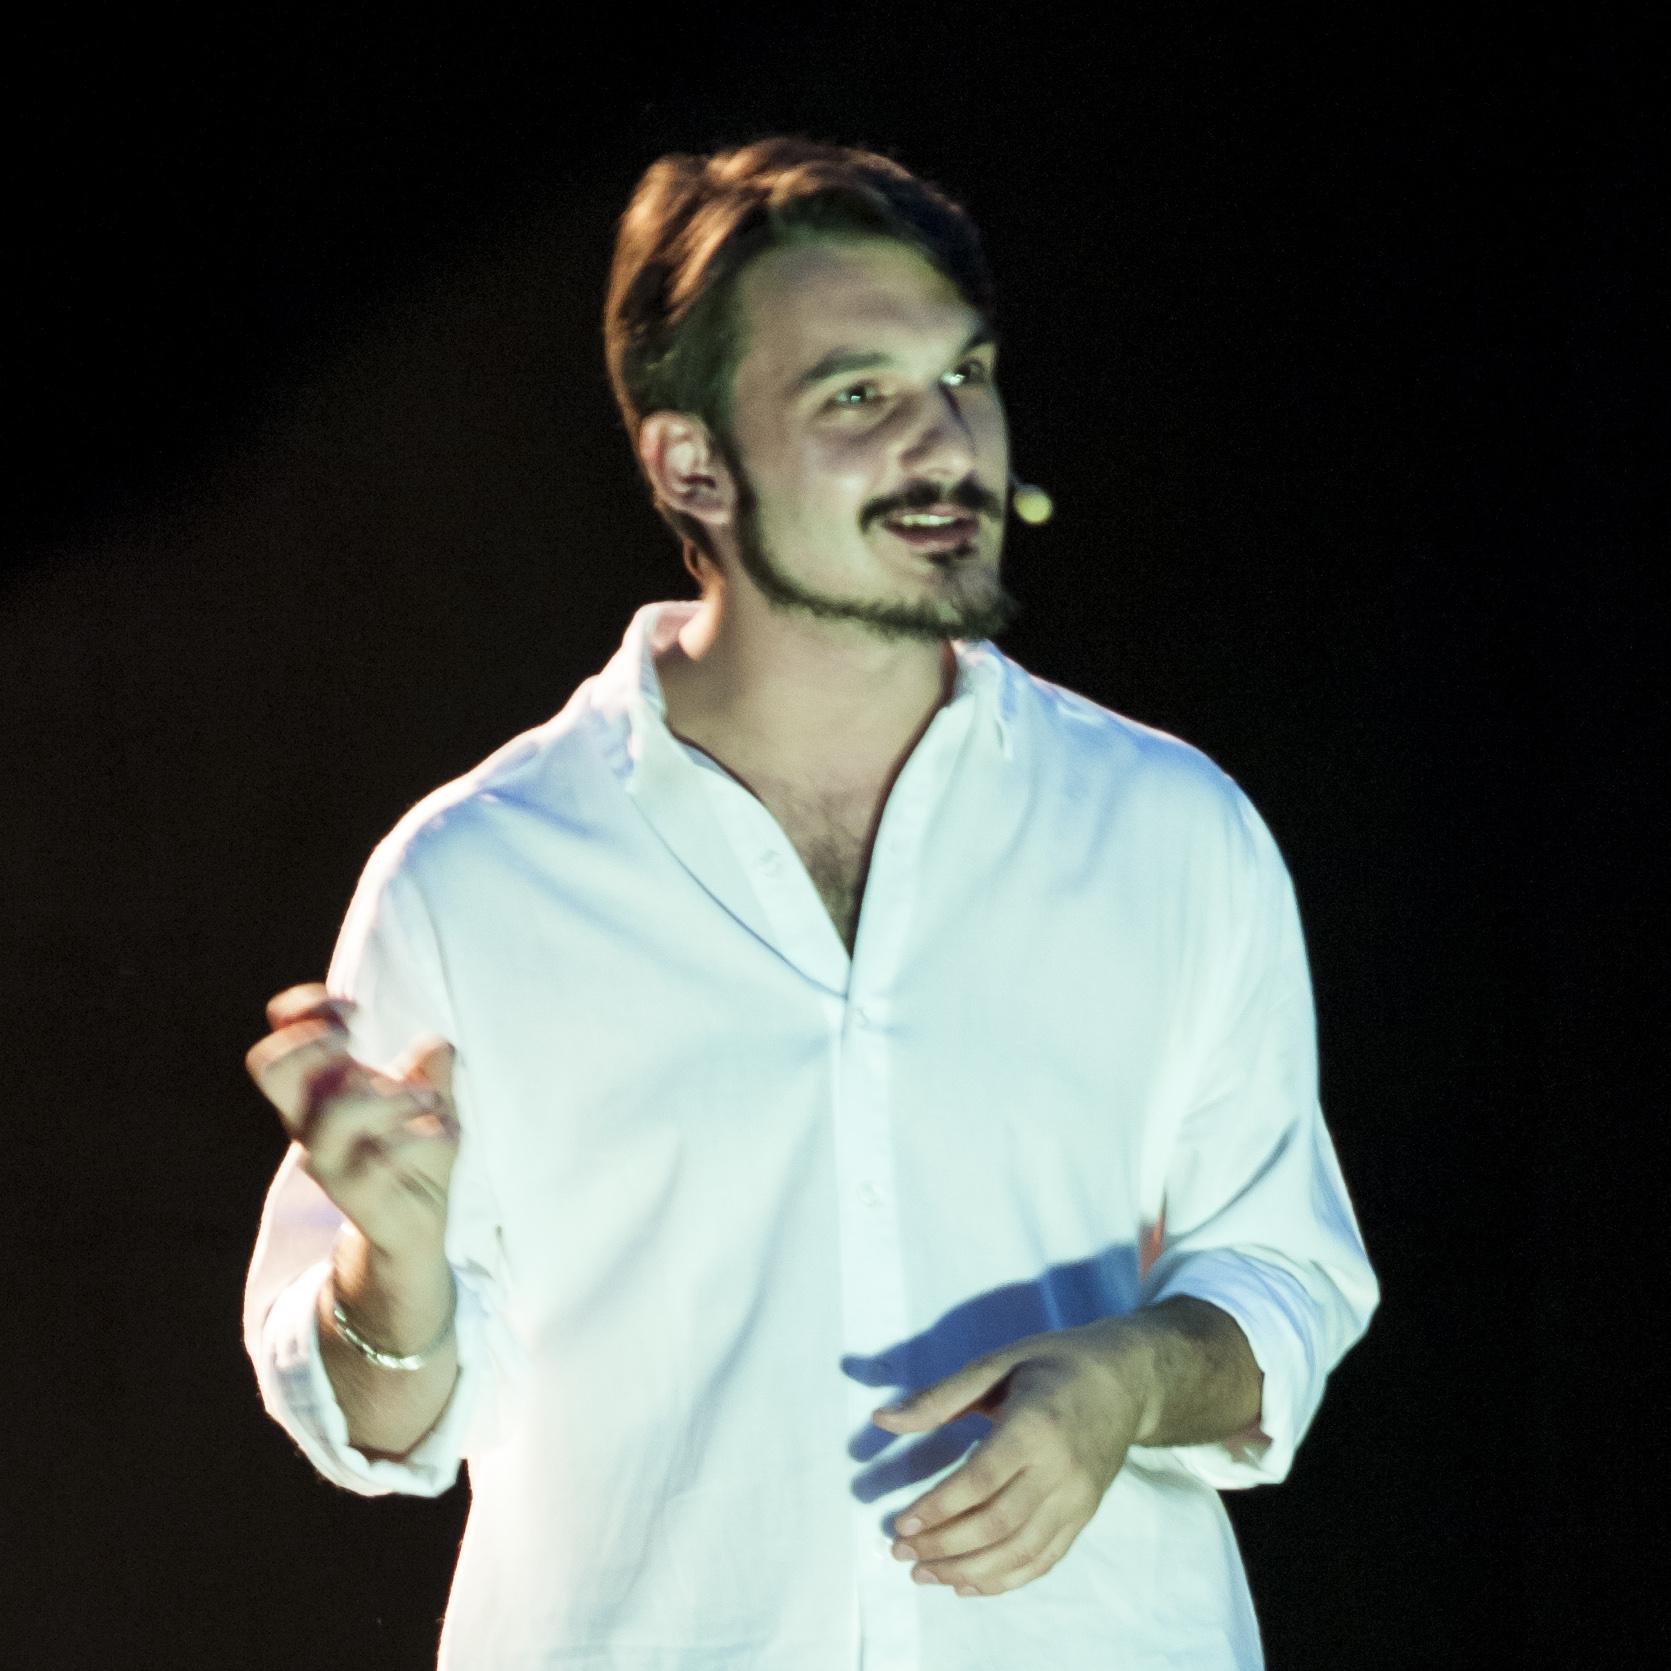 Mauro Masiero